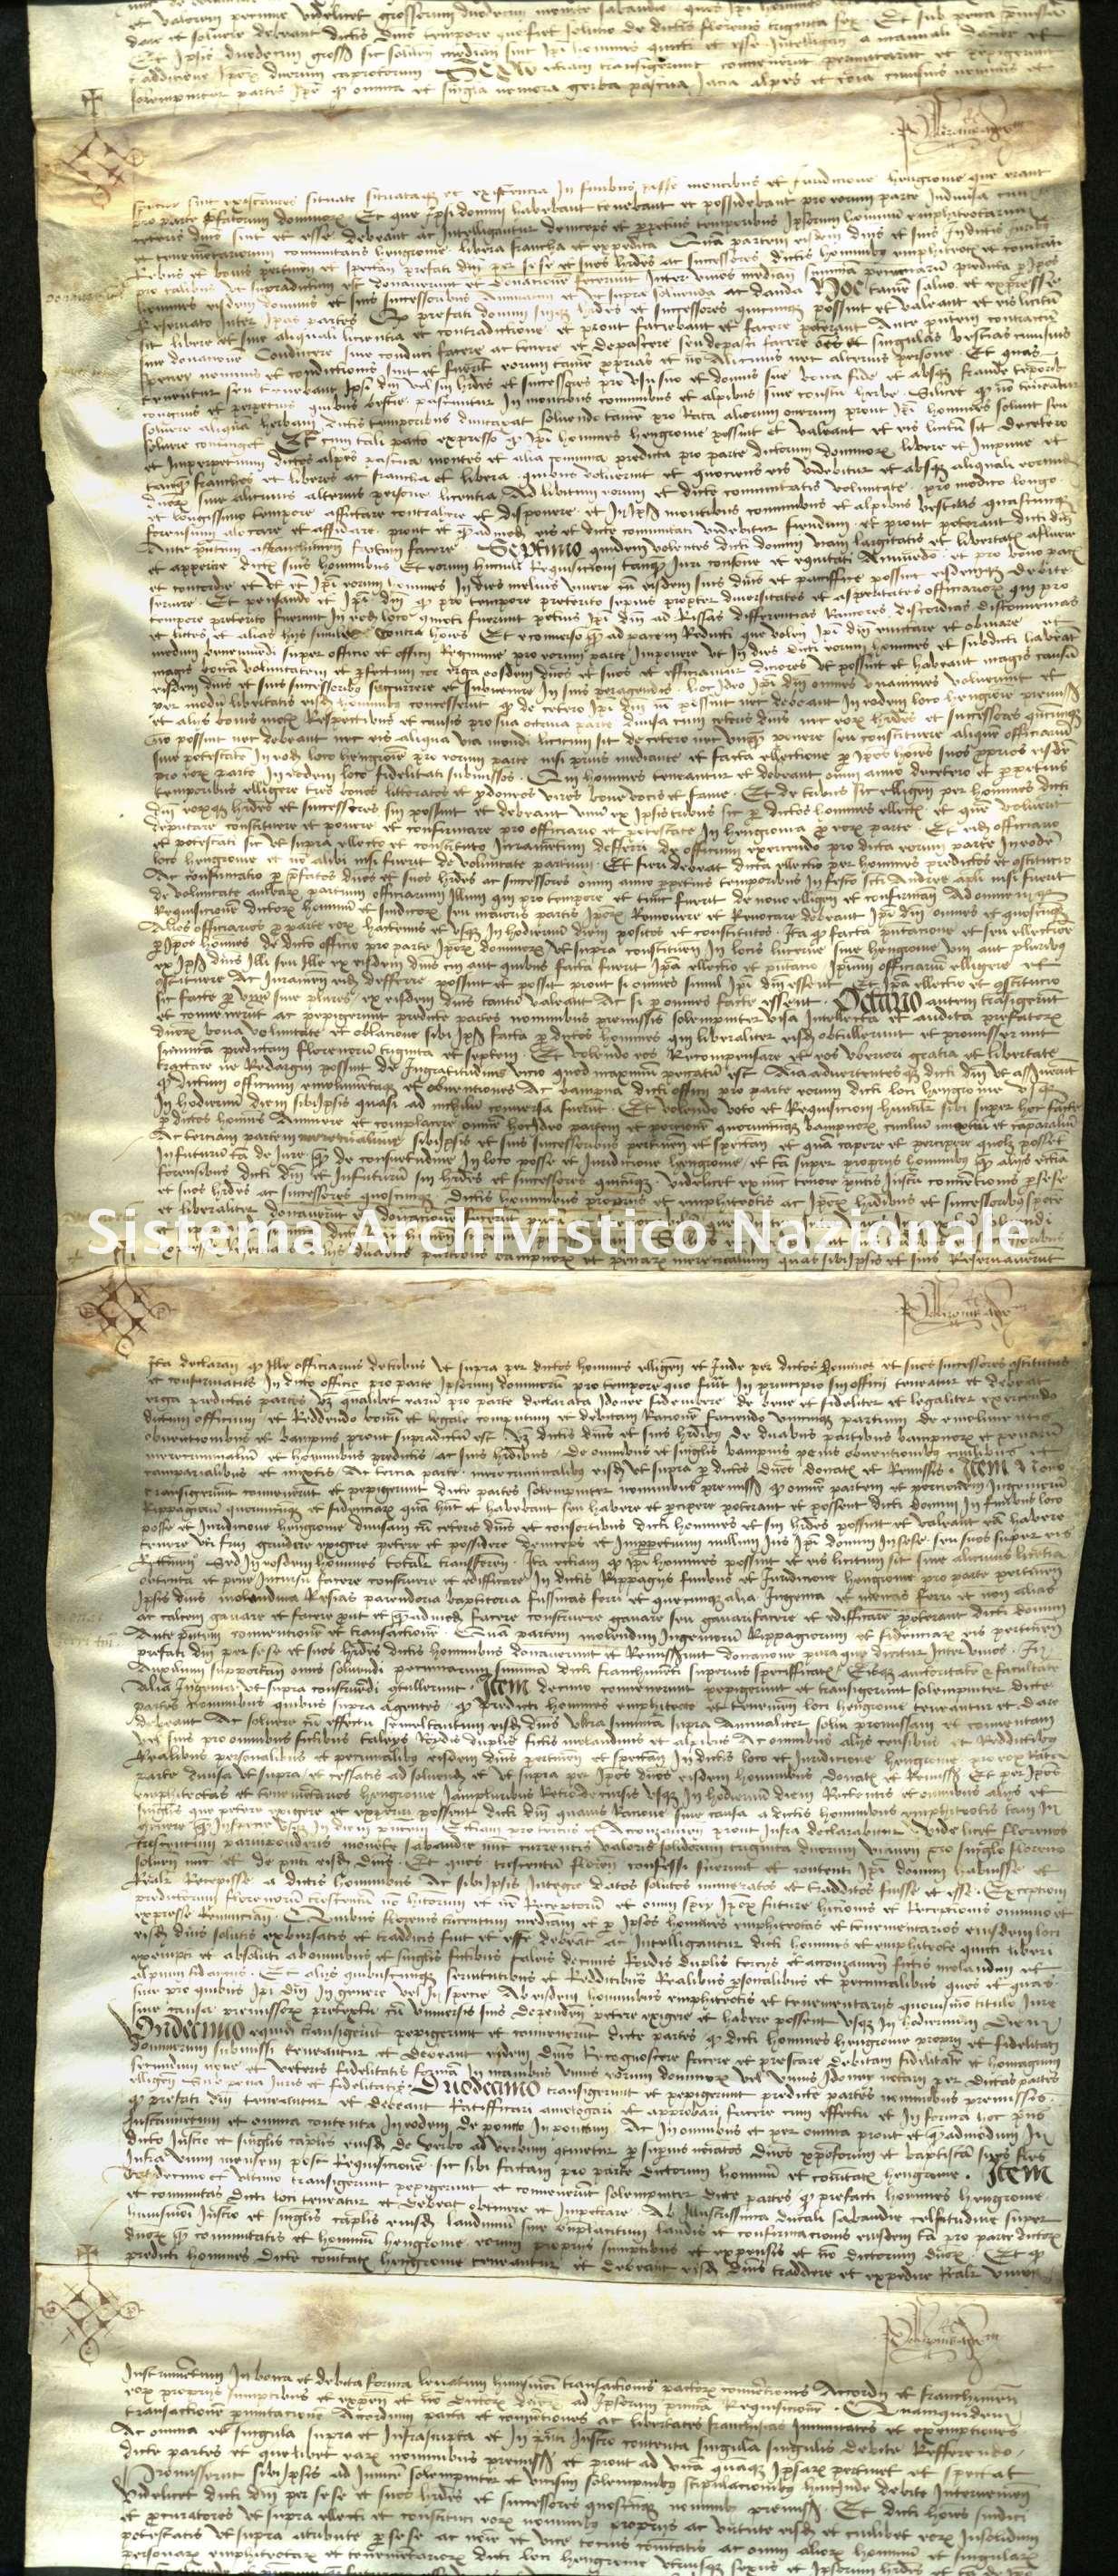 Archivio di Stato di Biella, Richelmy di Bovile, Pergamene, Luserna 30 marzo 1512